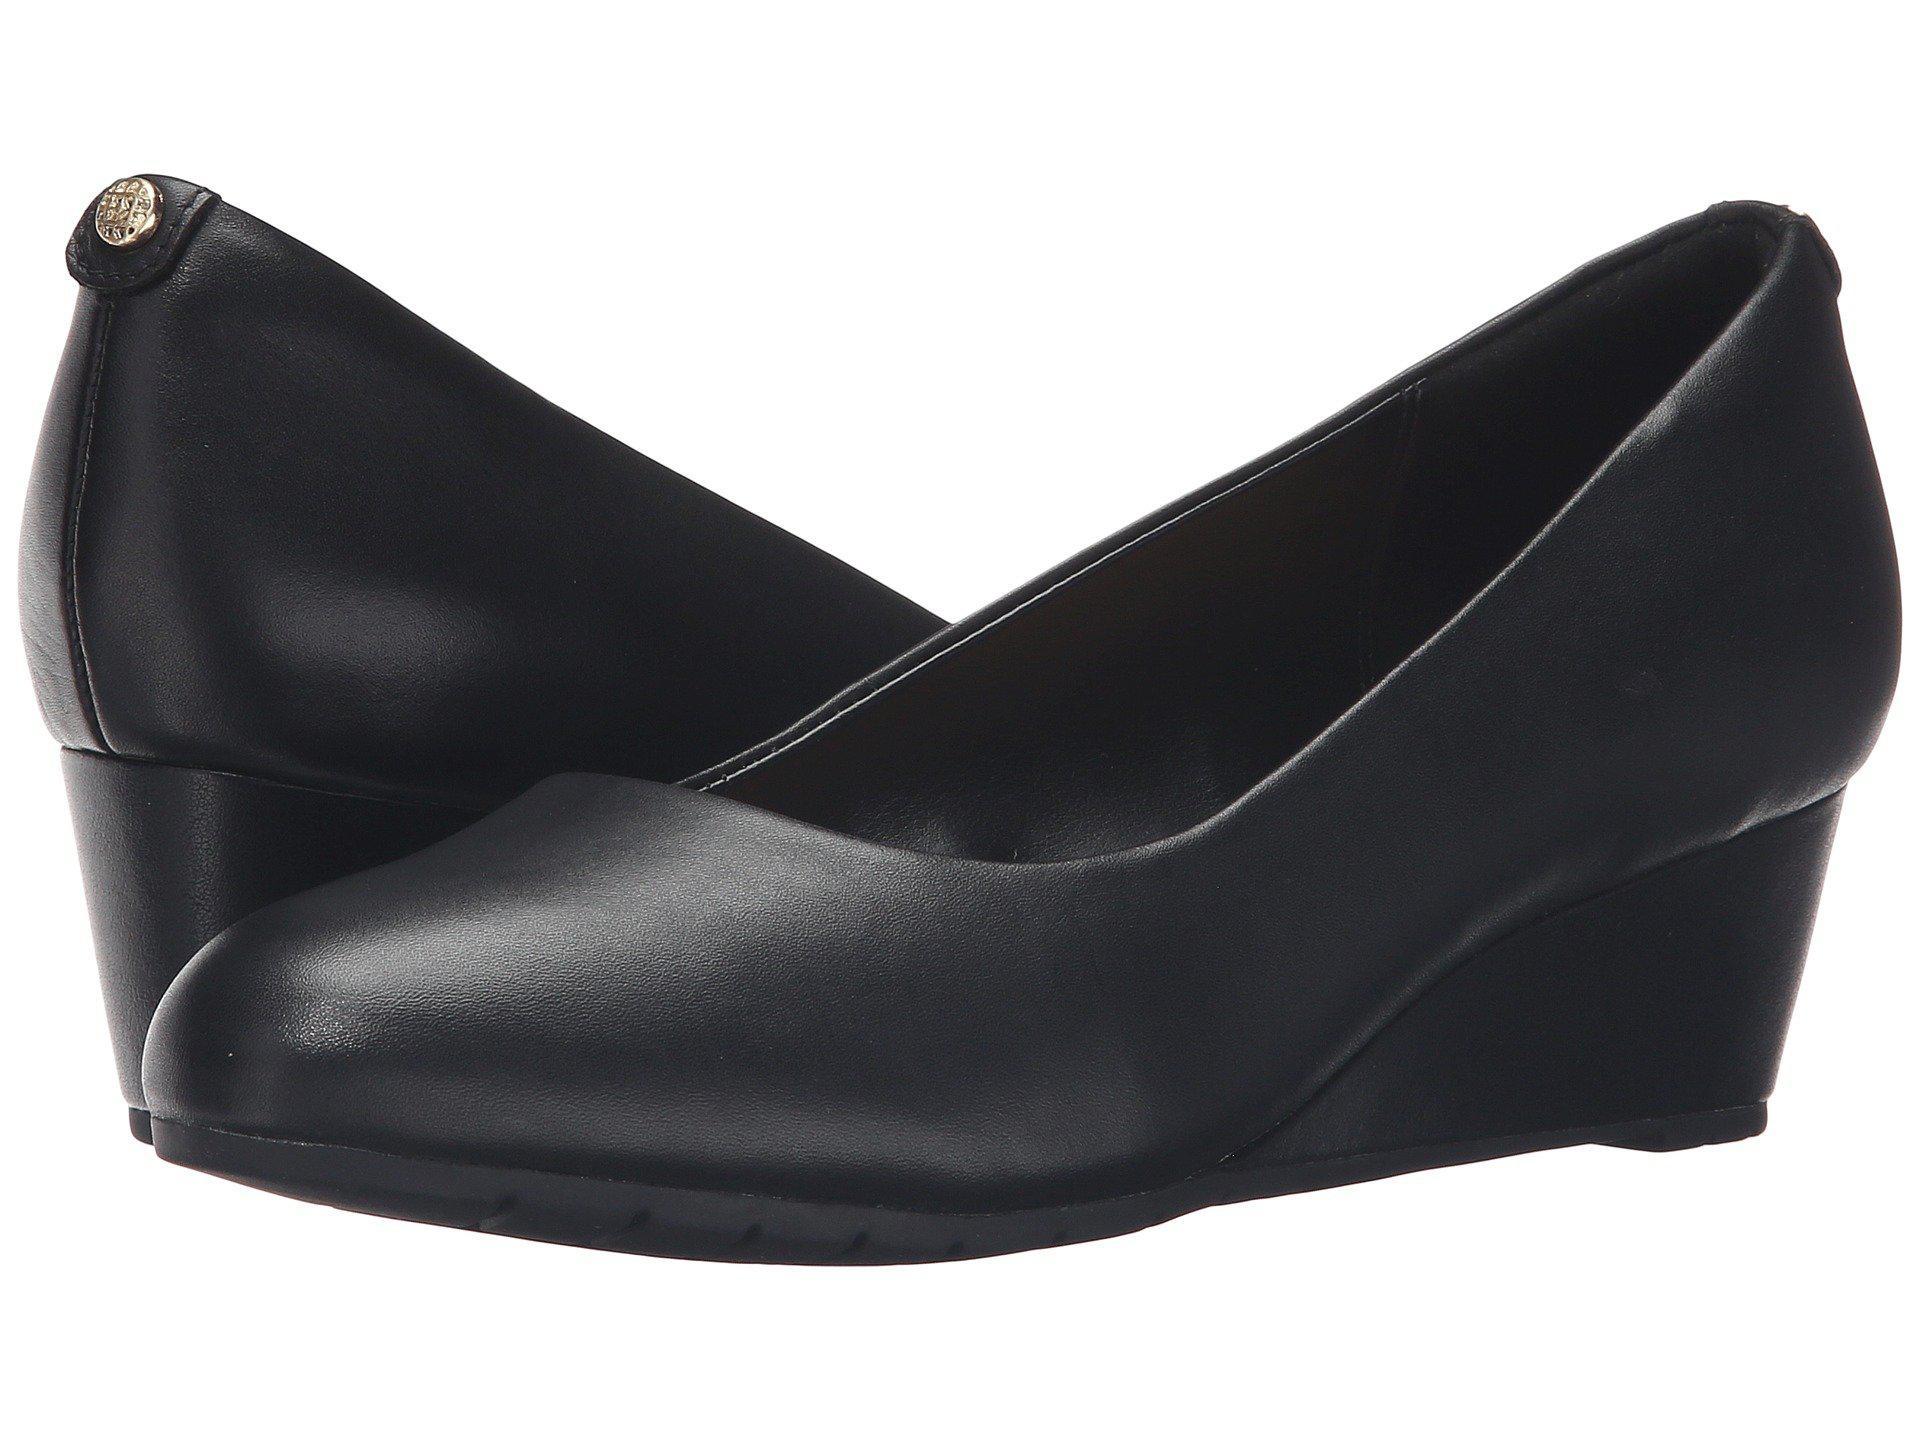 Clarks Leather Vendra Bloom in Black